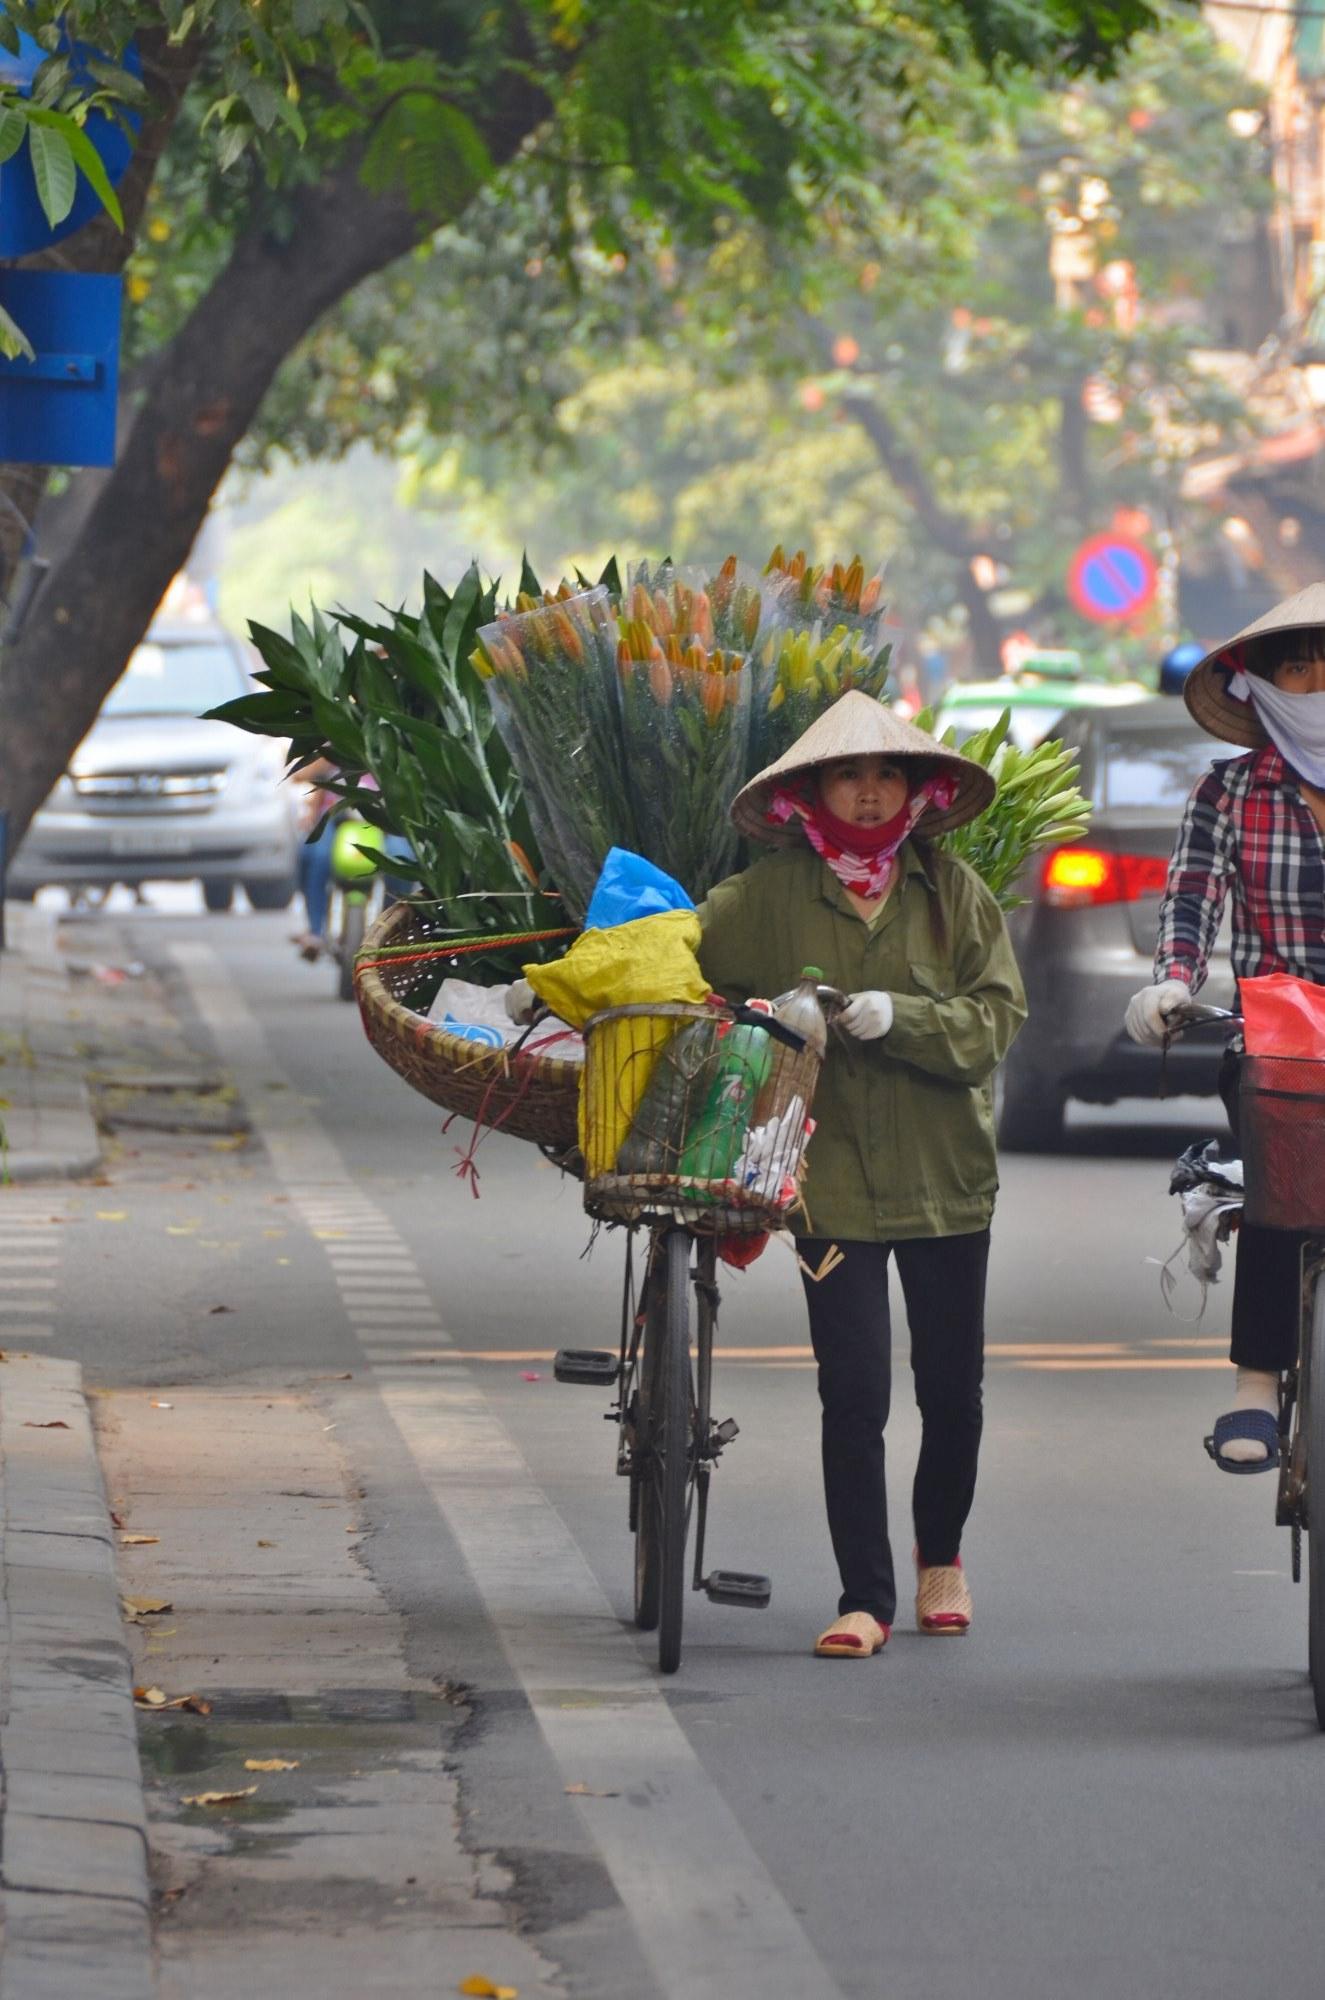 Uma florista em Hanói - quem acompanha pelo Instagram já viu essa, não?